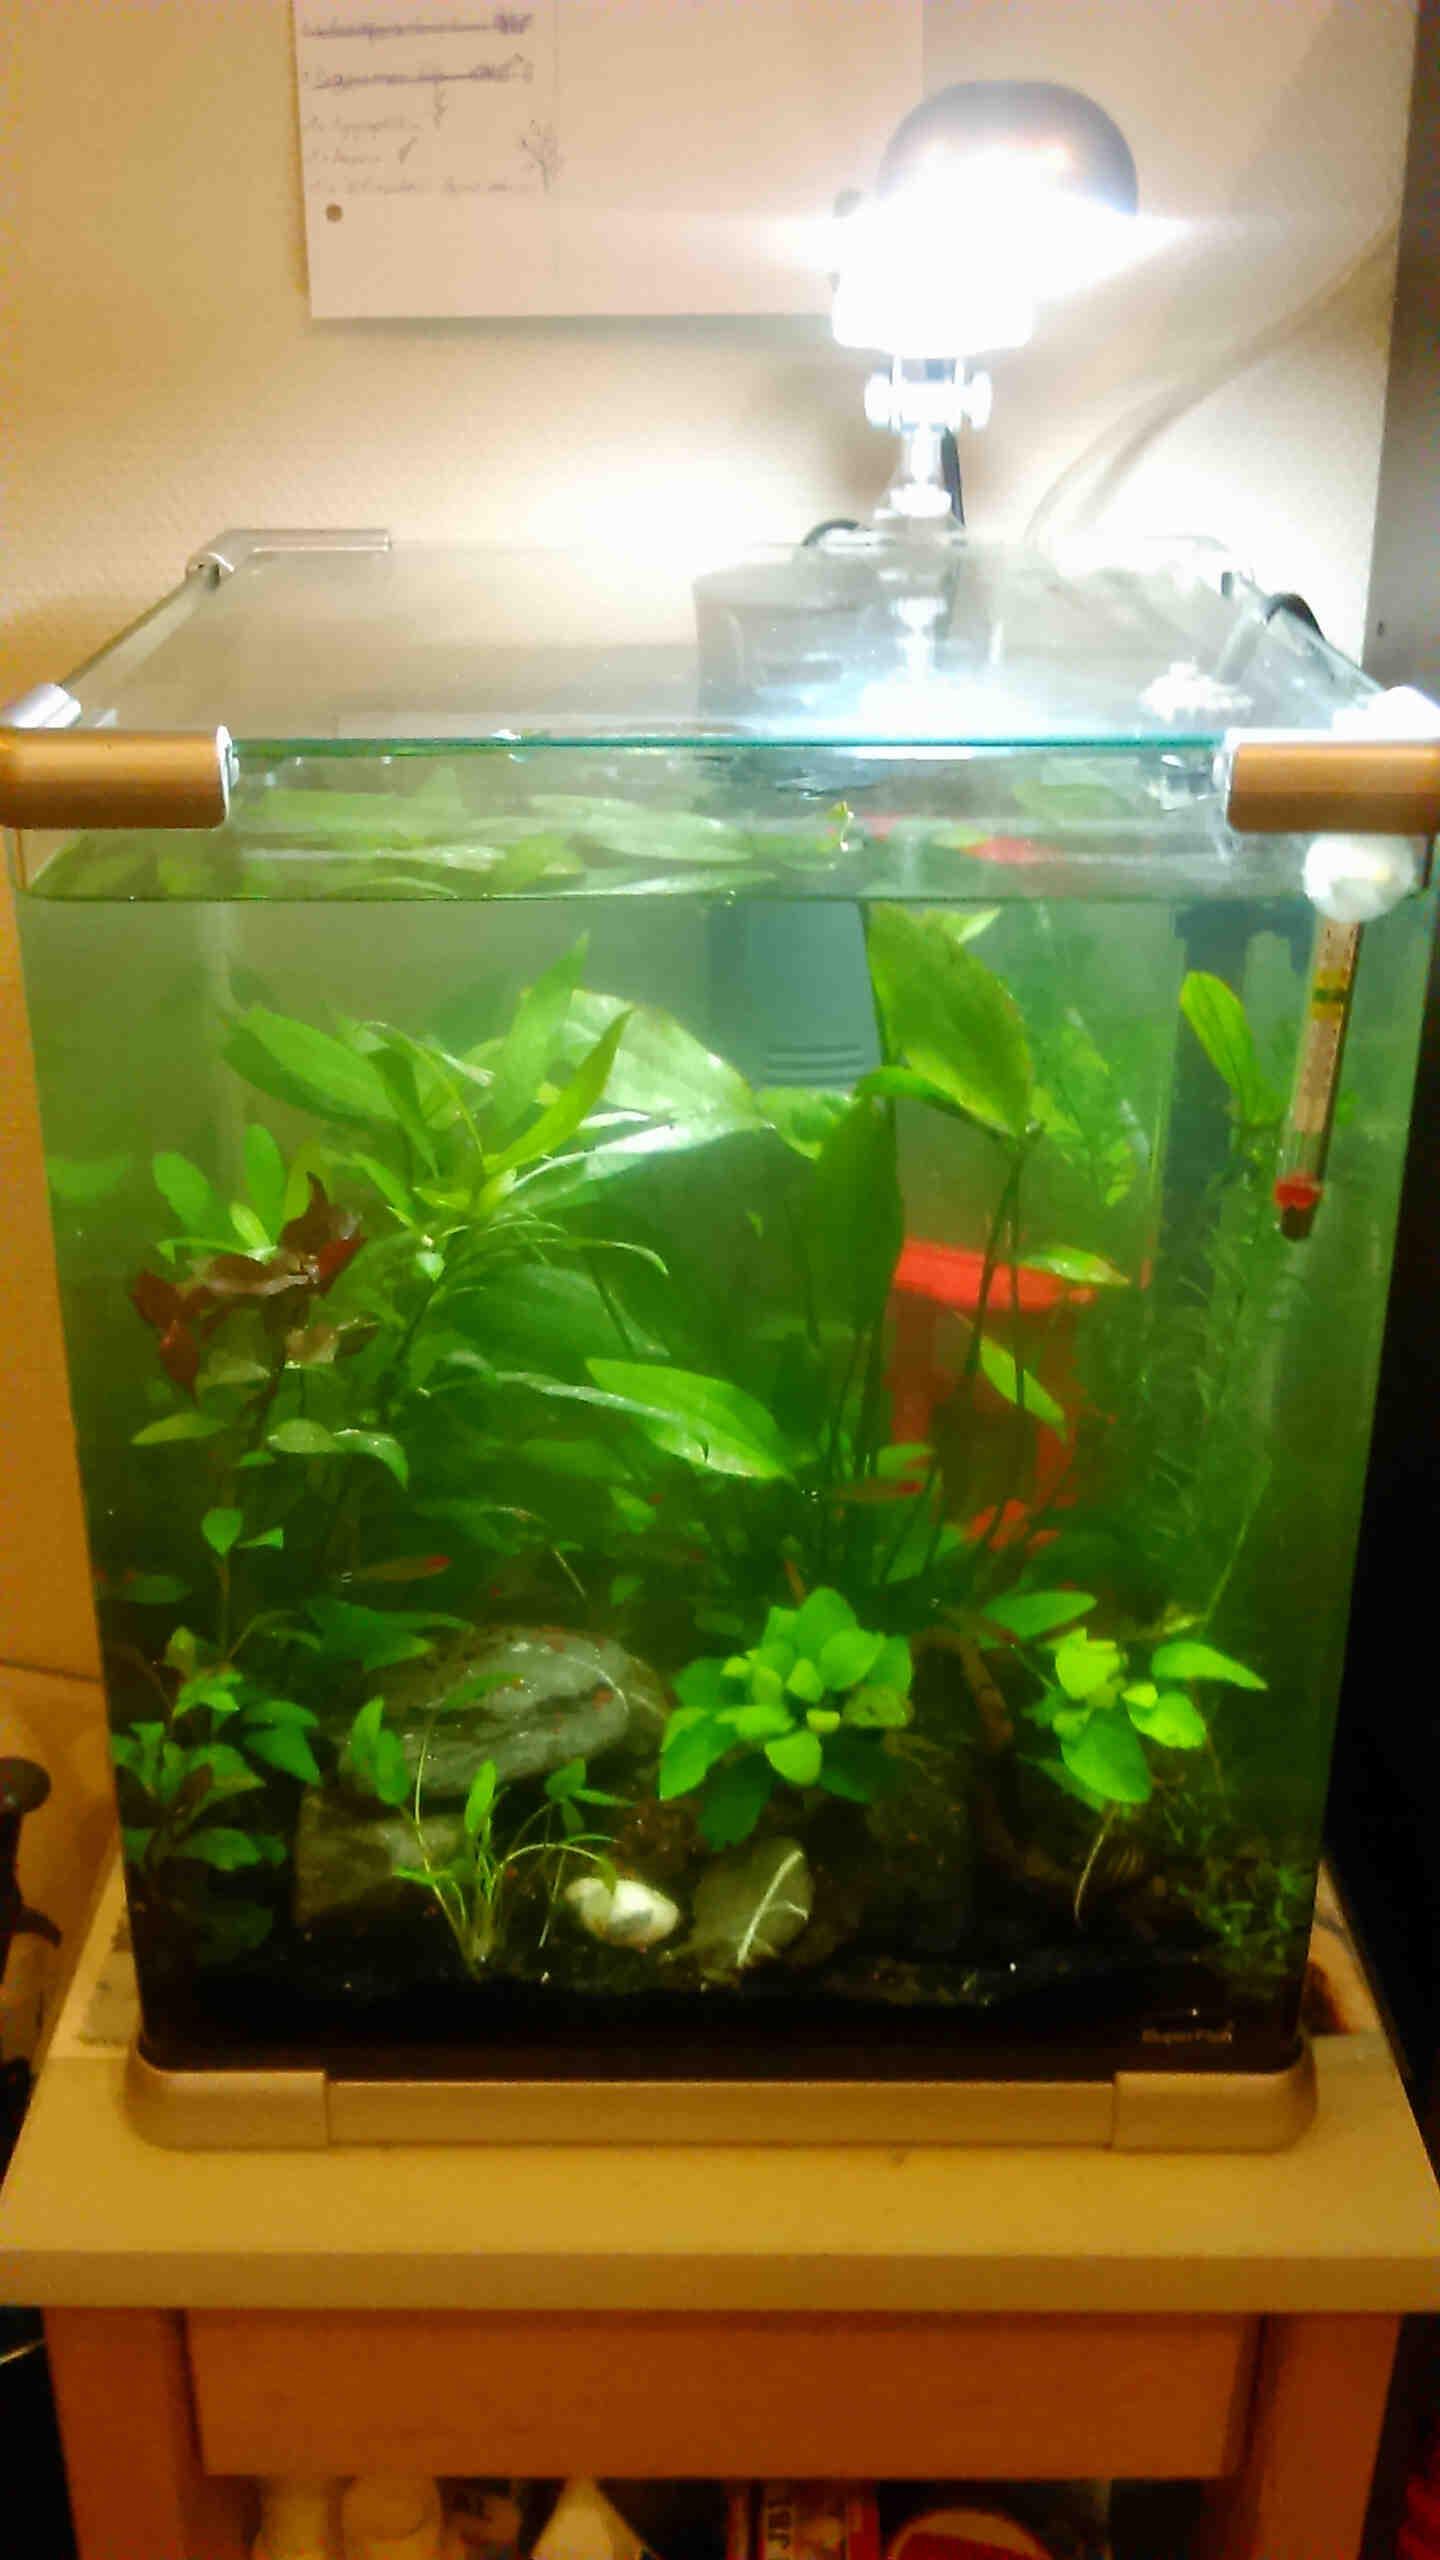 Où pêcher un réservoir d'eau de 20 litres?